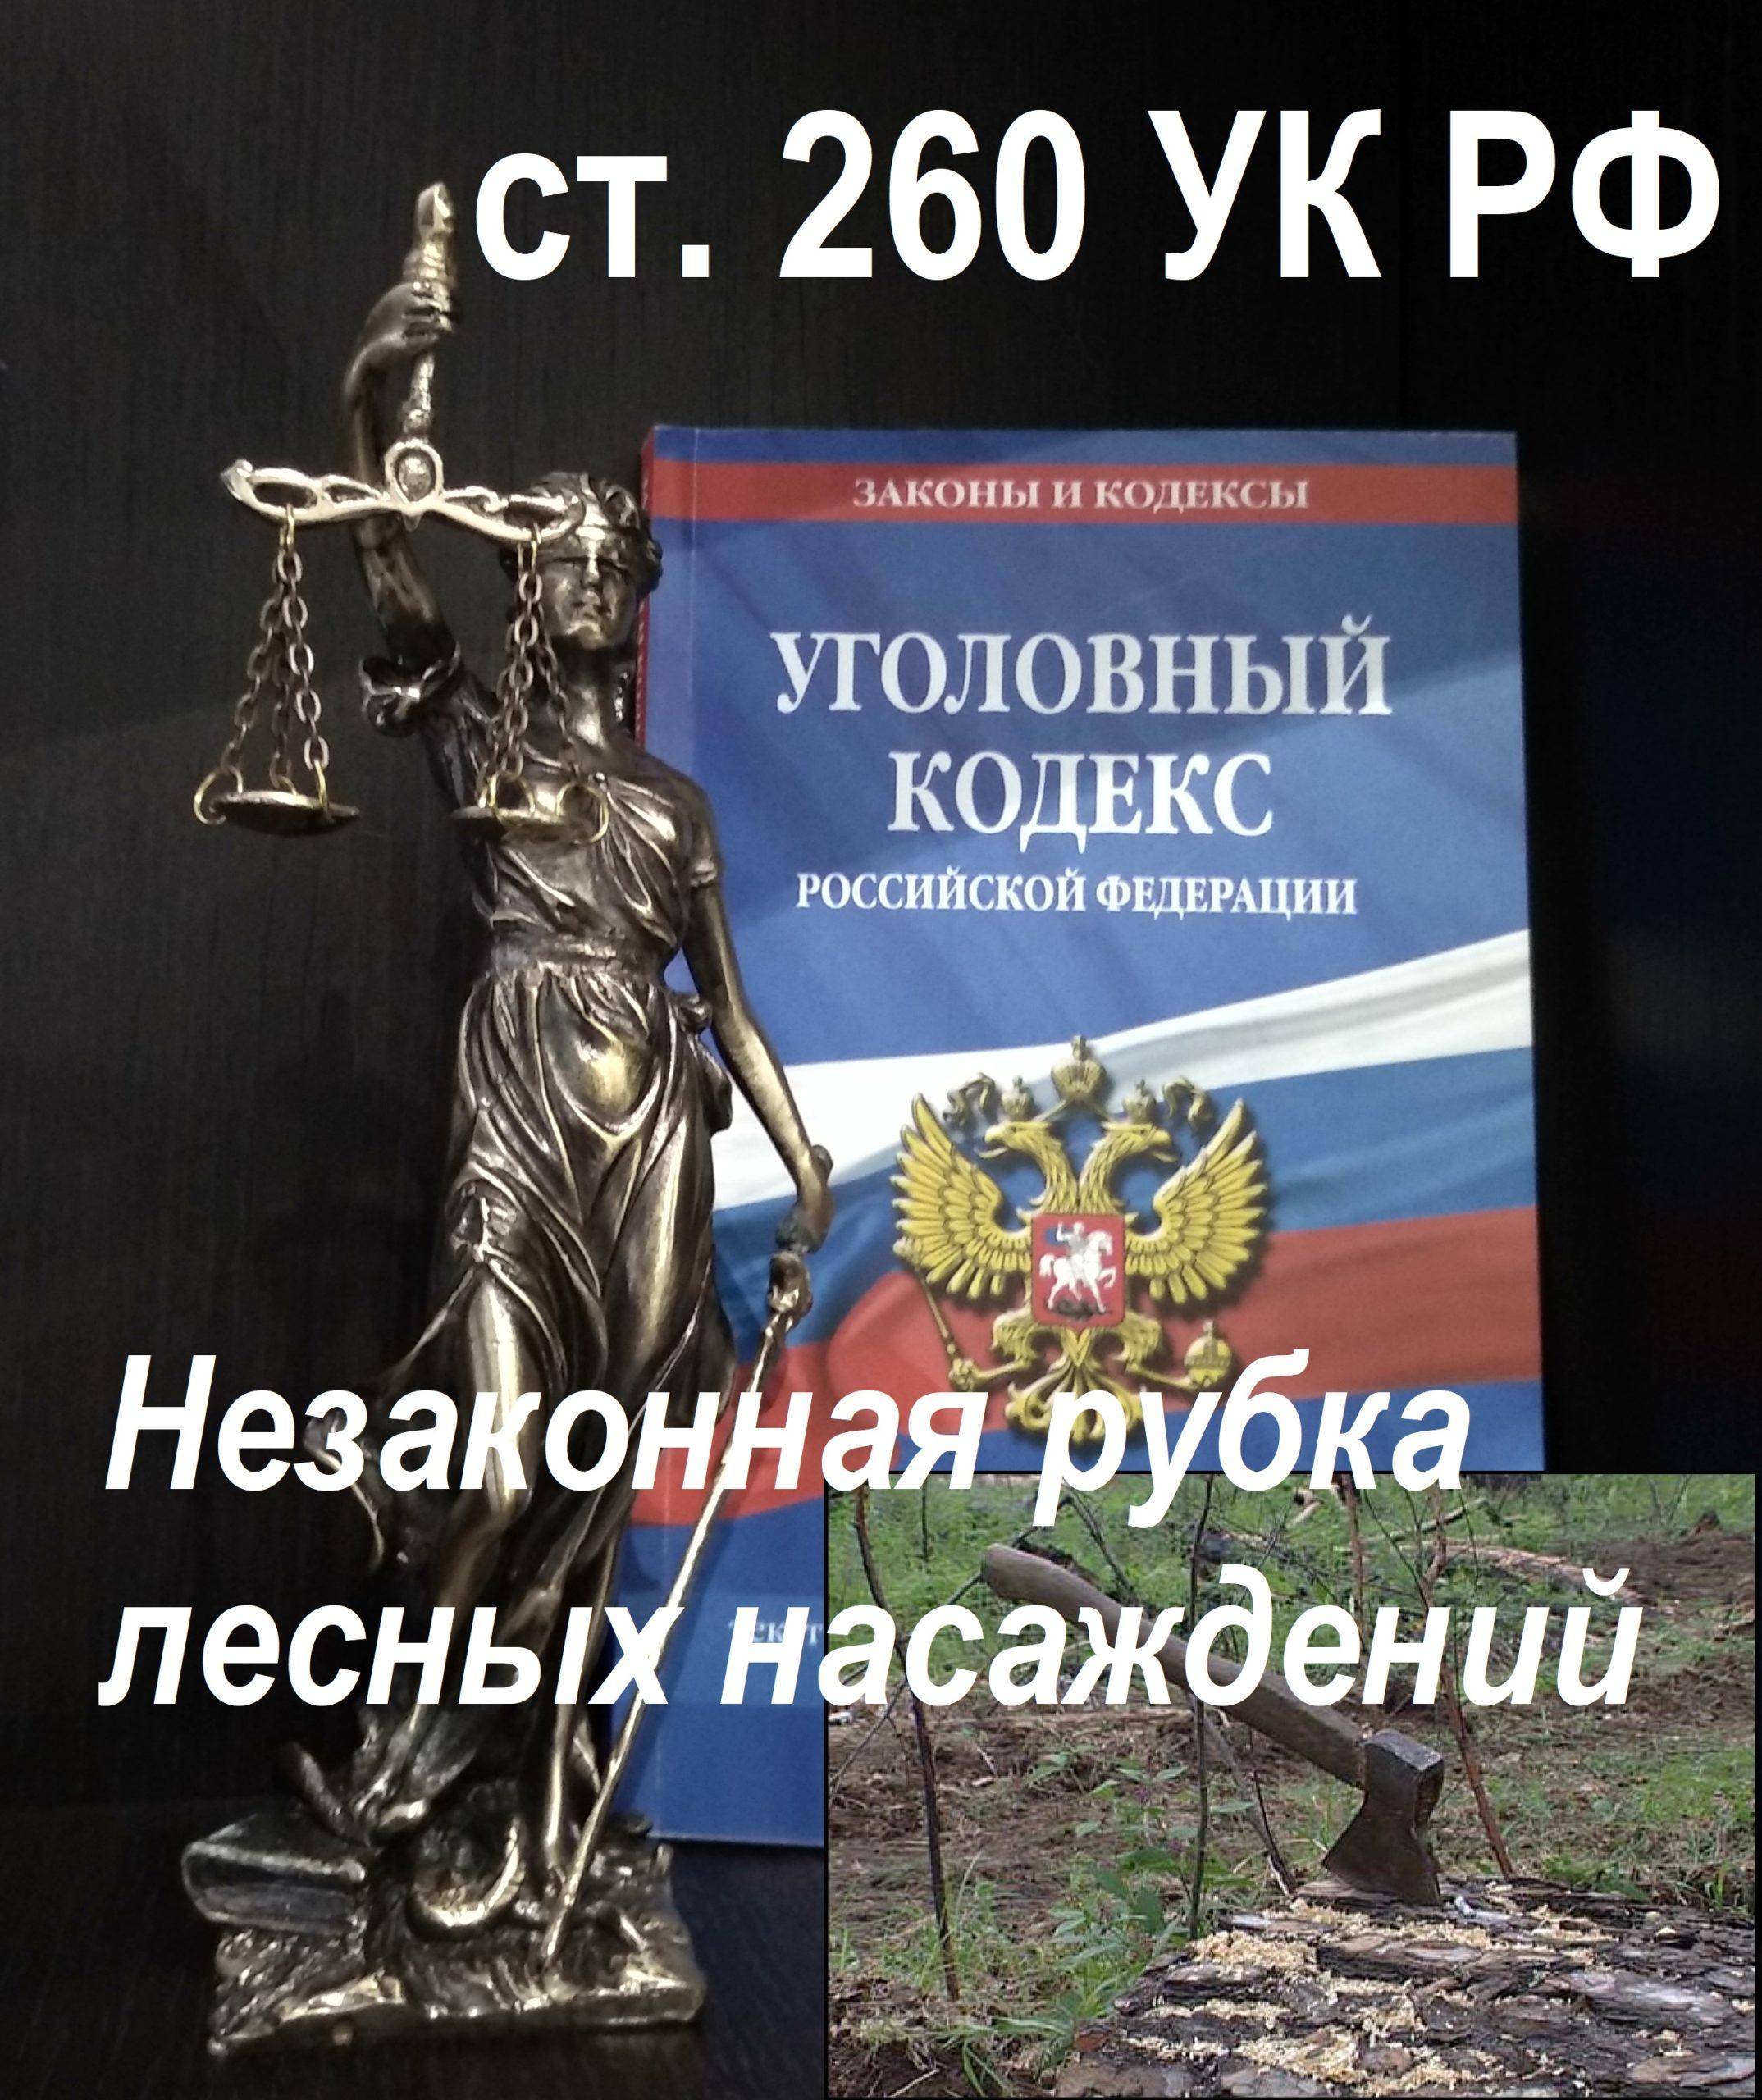 Защита по ст. 260 УК РФ Незаконная рубка лесных насаждений